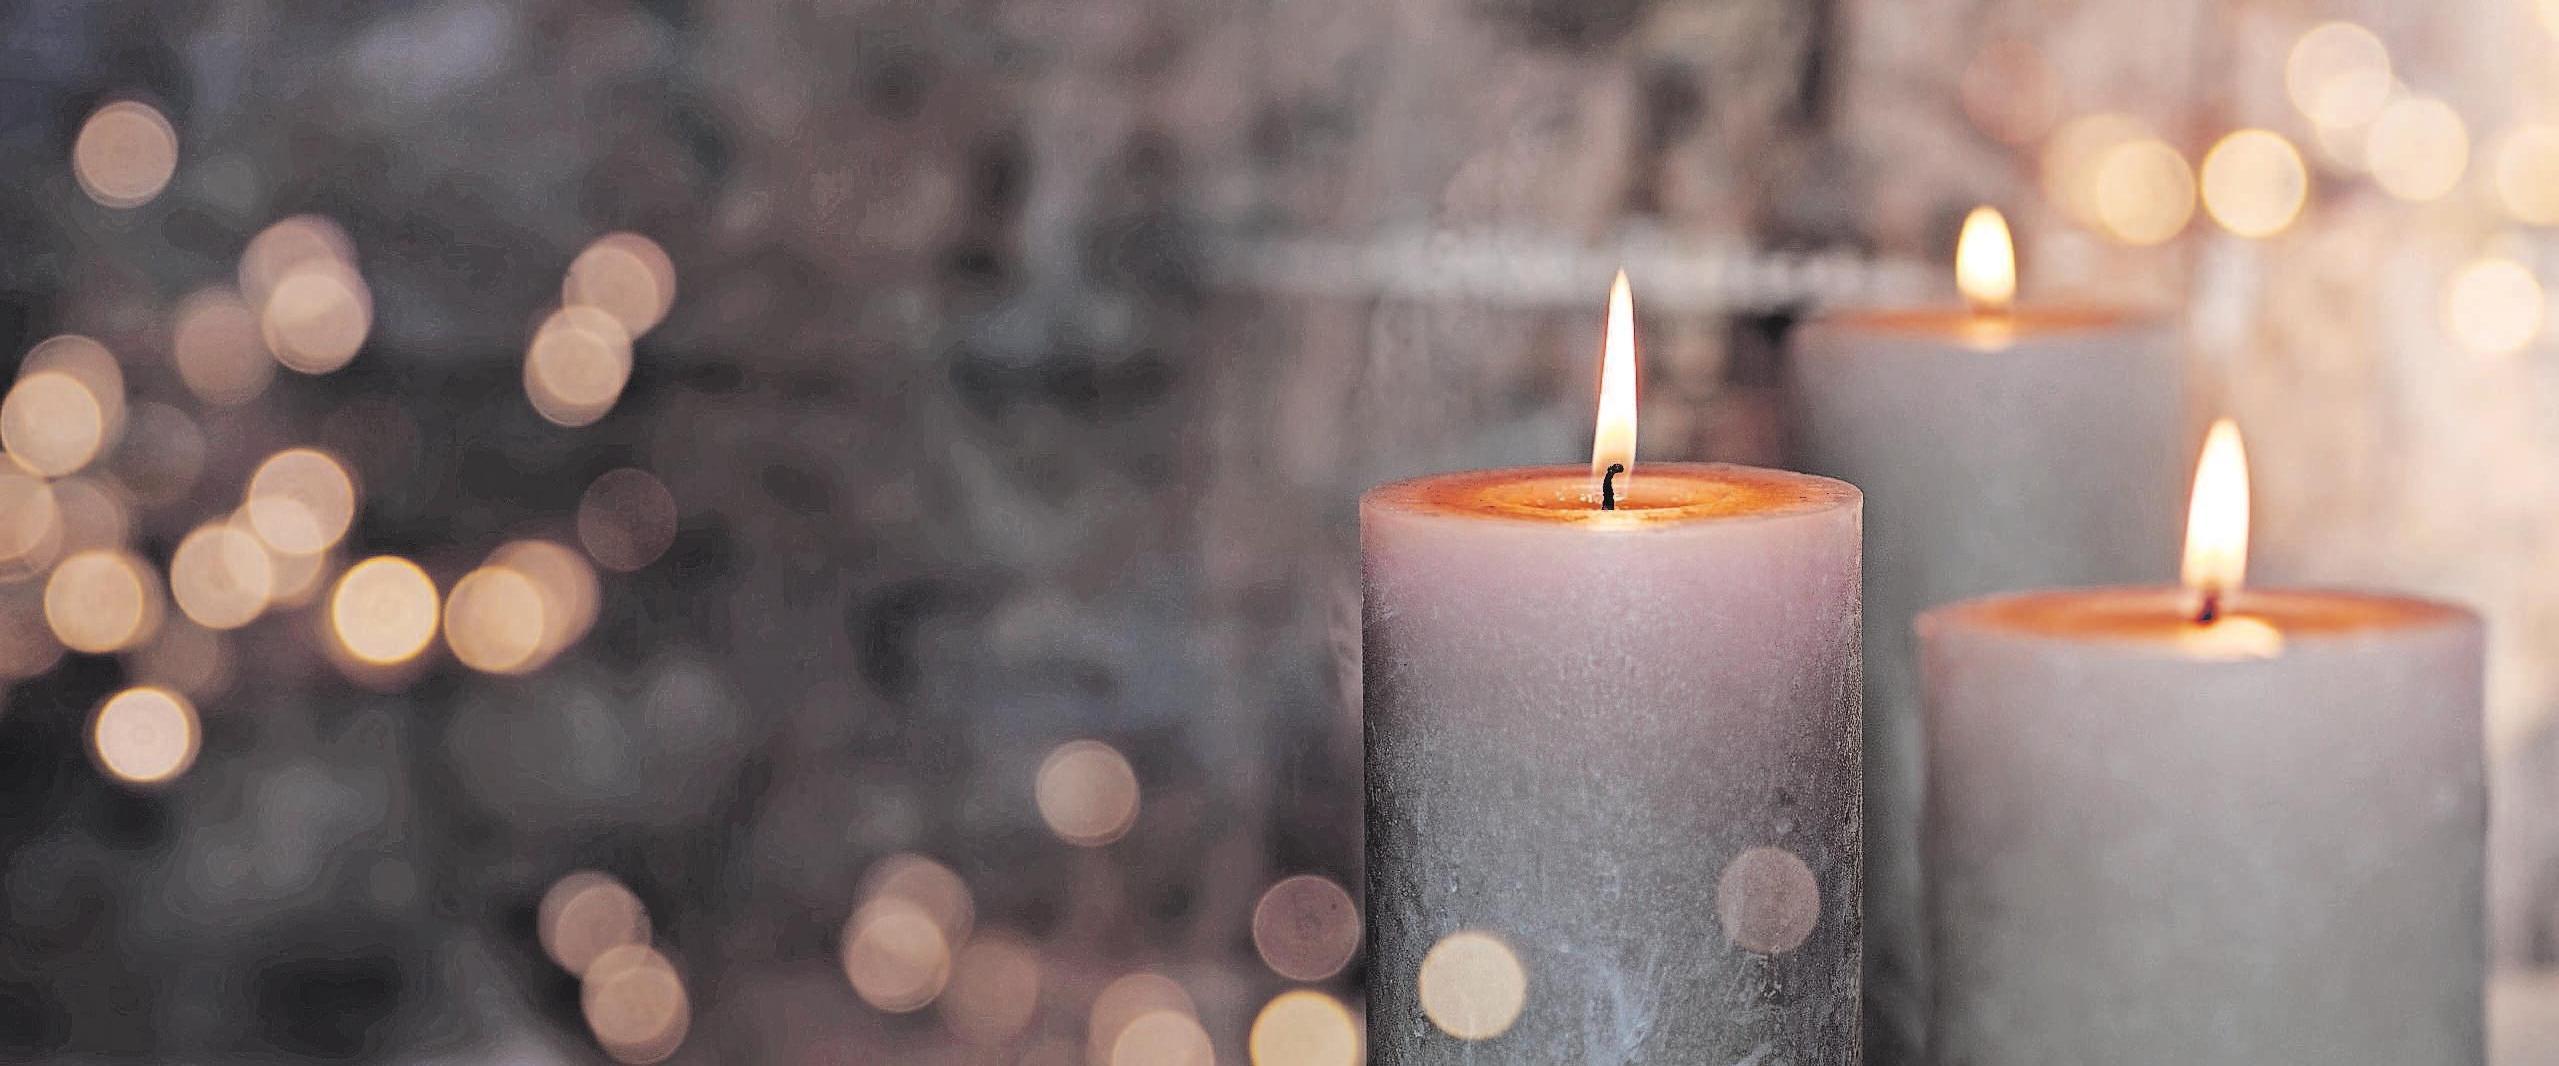 Erinnerungen sind kleine Sterne, die tröstend in das Dunkel unserer Trauer leuchten. Foto: as/gudrun